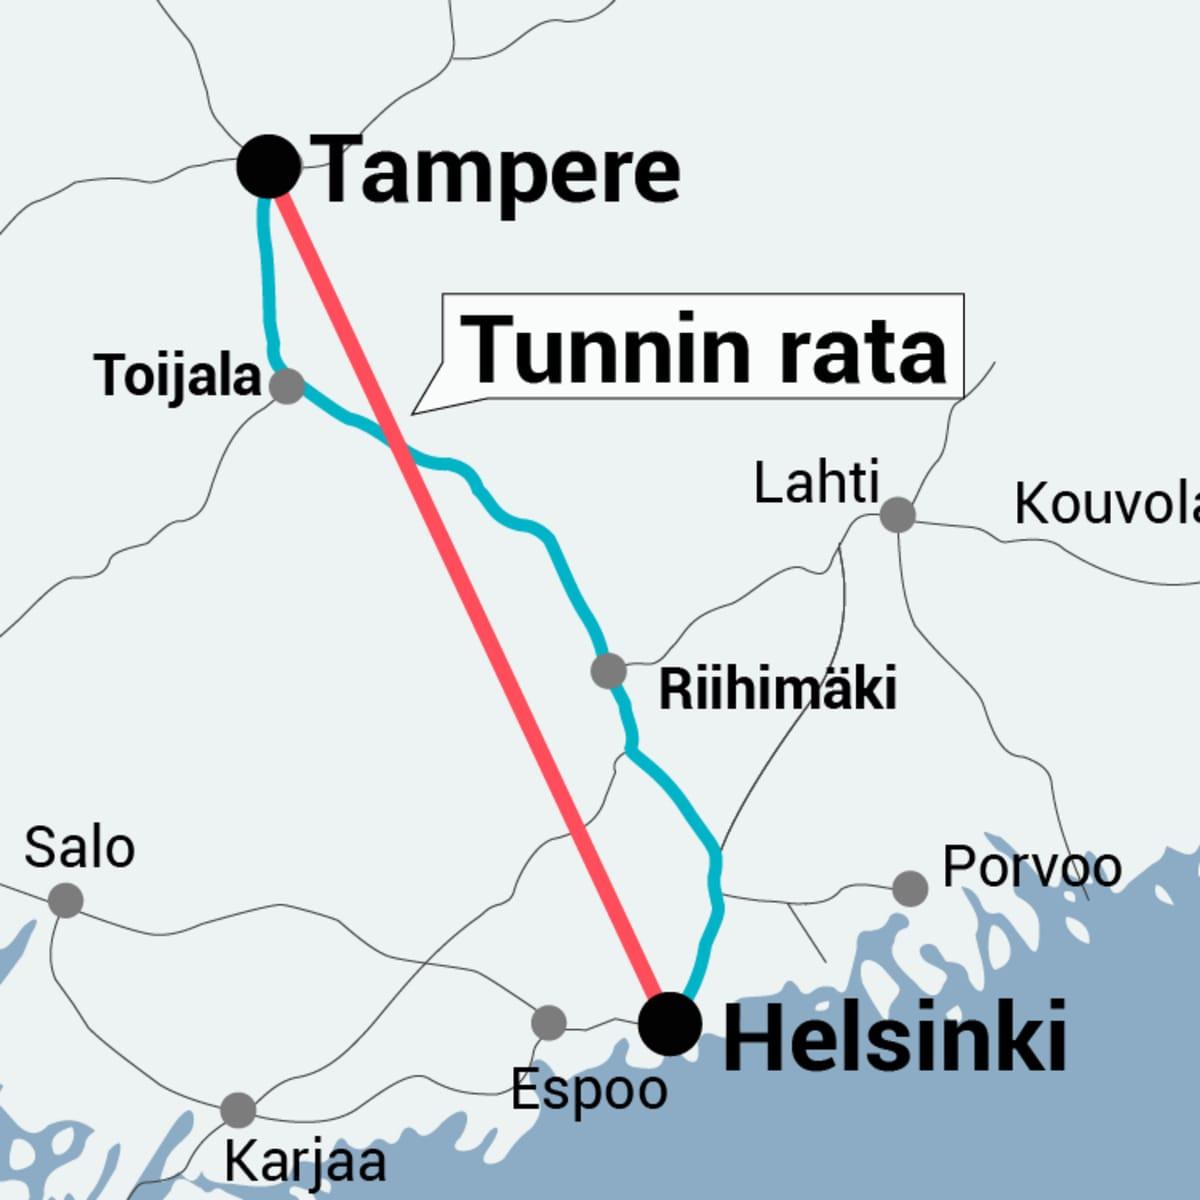 Tampere-Helsinki tunnin juna